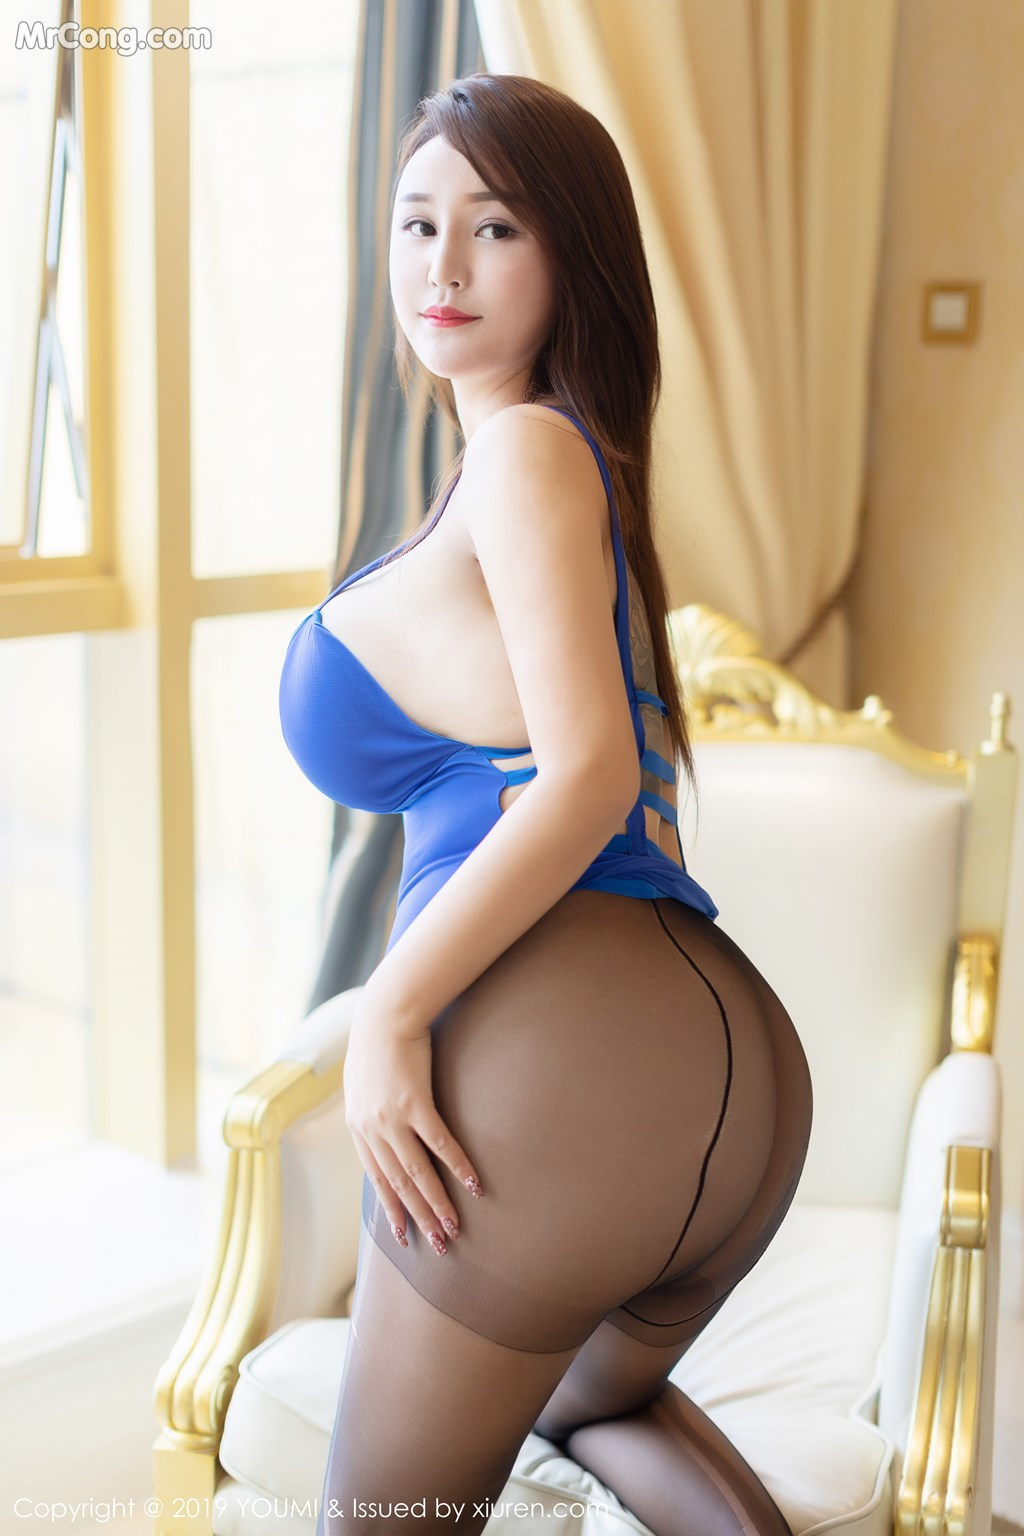 Image YouMi-Vol.341-ber-MrCong.com-012 in post YouMi Vol.341: 潘琳琳ber (56 ảnh)